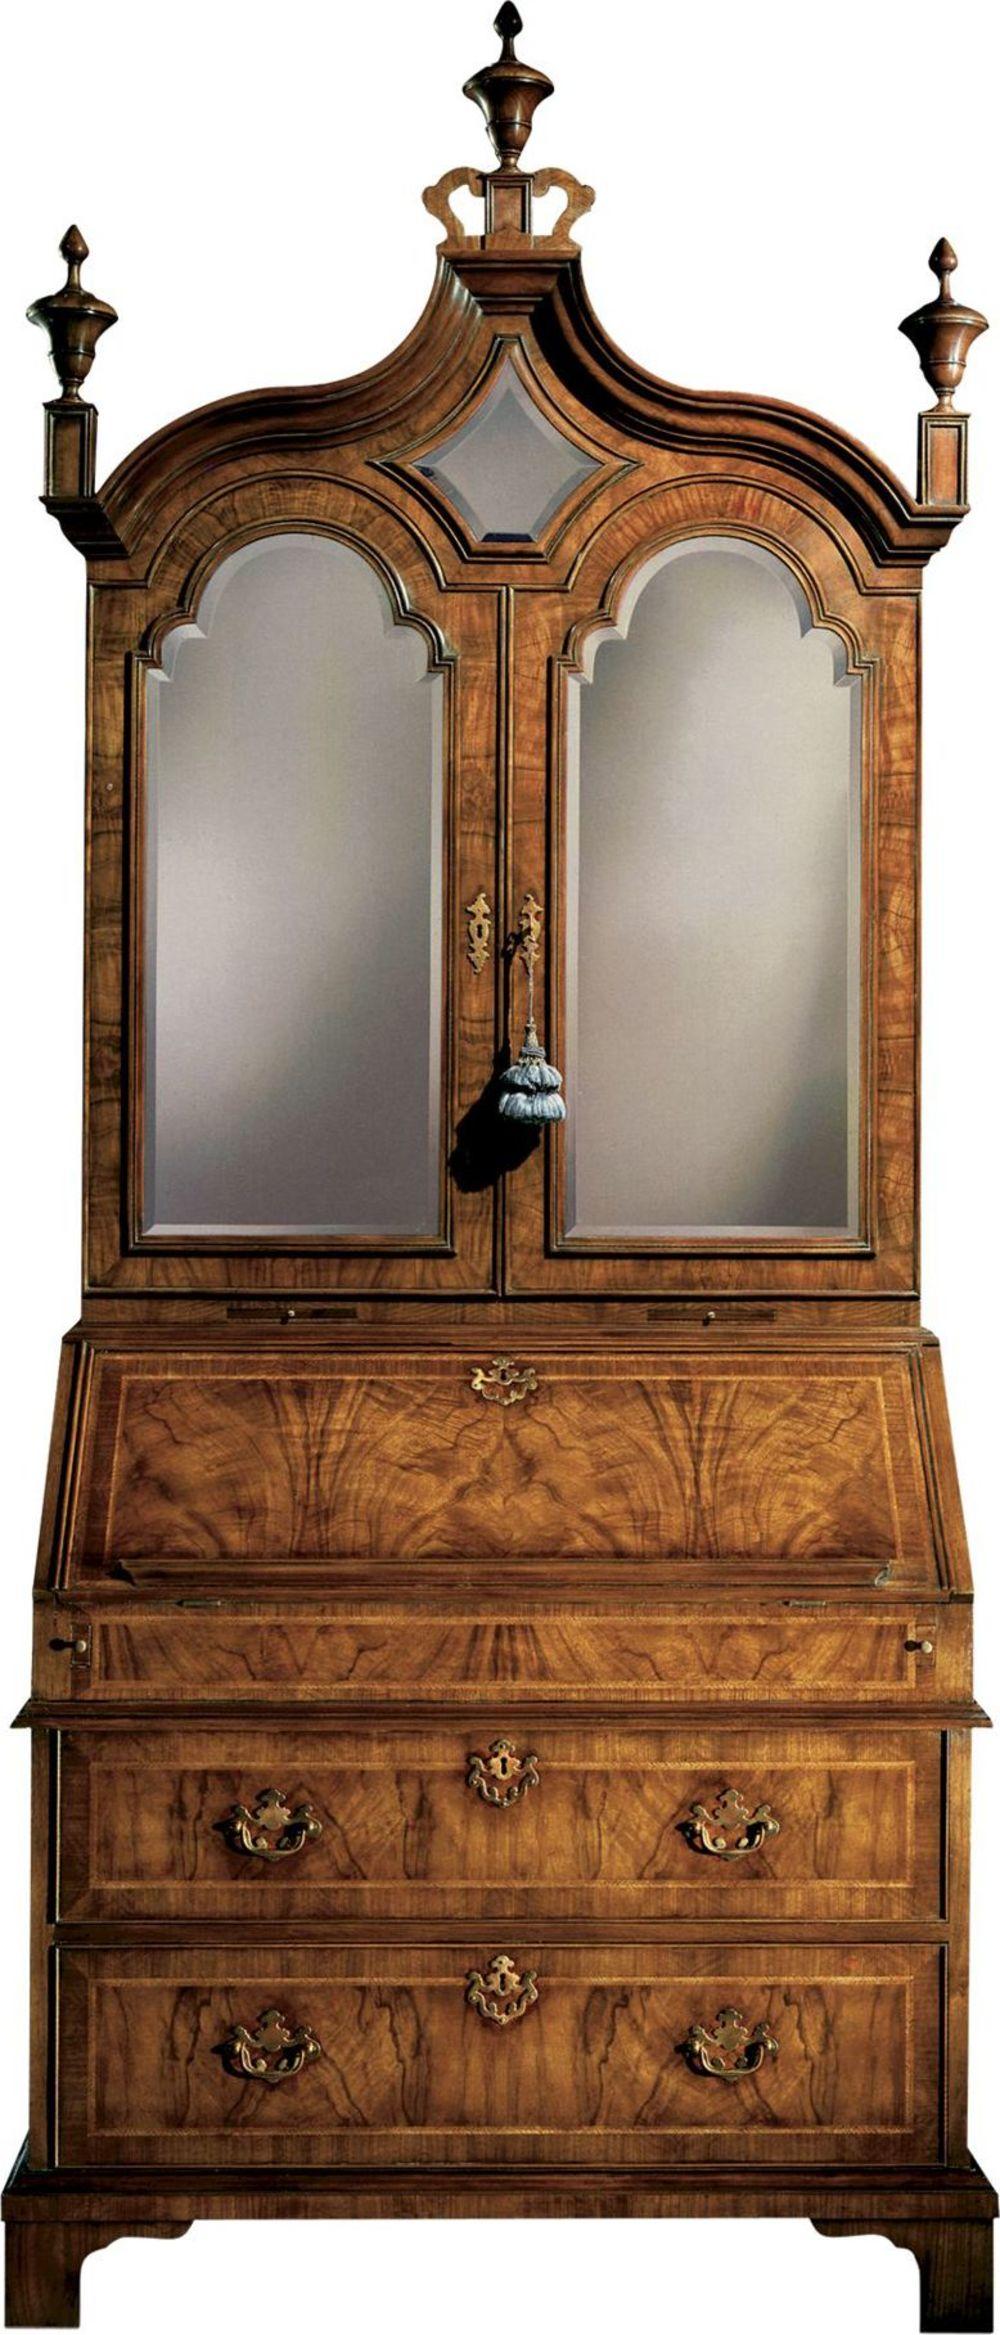 Baker Furniture - Queen Anne Bureau Cabinet